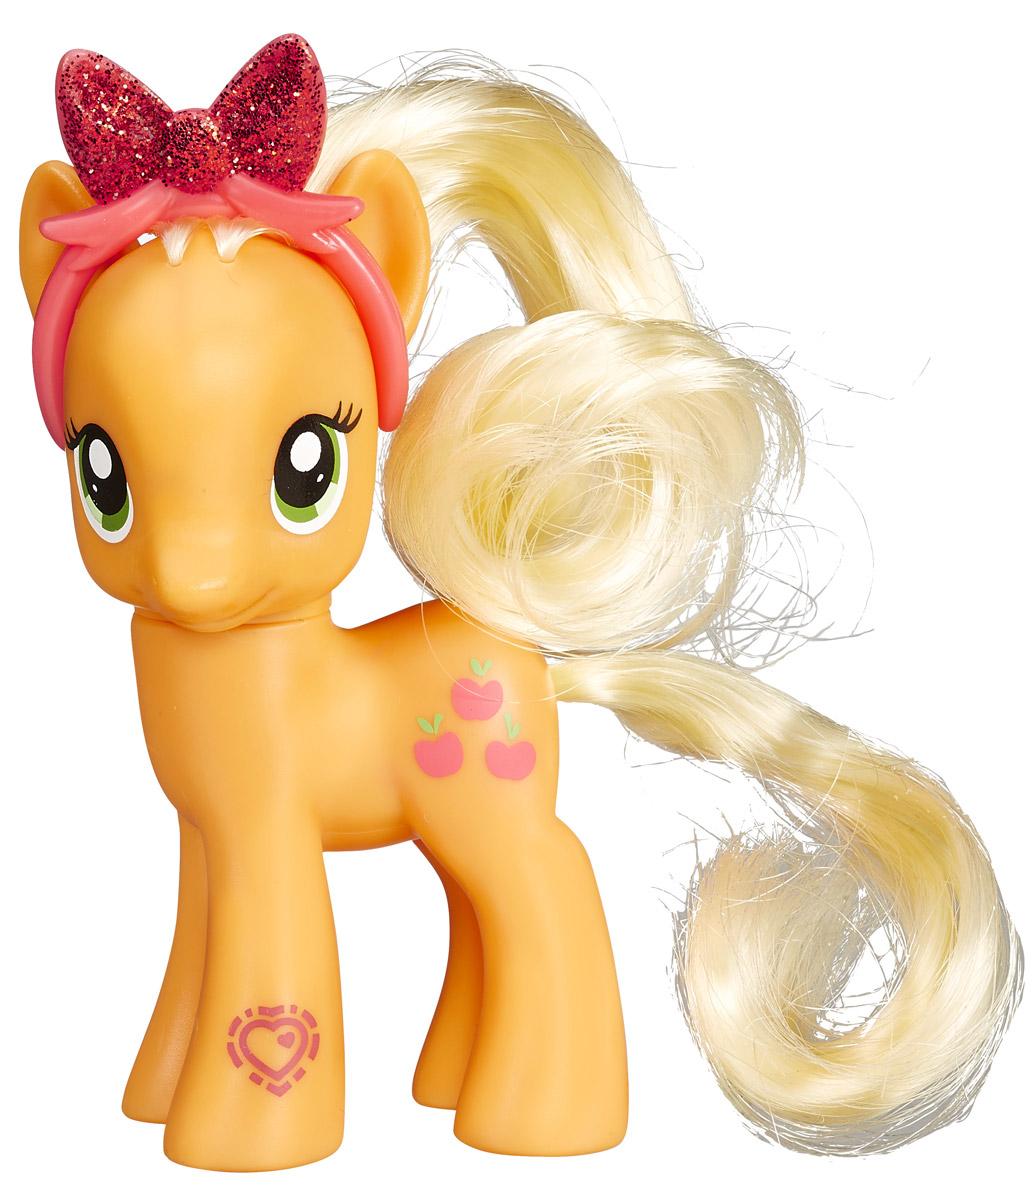 My Little Pony Фигурка Пони Эппл ДжекB3599EU4_B4815Фигурка My Little Pony Пони Эппл Джек привлечет внимание вашей малышки! Фигурка выполнена из прочного пластика в виде красавицы пони Эппл Джек с яркими гривой и хвостом. Головка фигурки подвижна. Малышка пони неповторима и отмечена уникальными символами, находящимися у нее на боках. Отличительный знак появляется на пони, когда она понимает, что чем-то непохожа на остальных. Знак отличия Эппл Джек - яблочки. Шикарные волосы пони можно расчесывать, создавая новые прически. Вашей принцессе понравится играть с фигуркой и воссоздавать сцены из любимого мультсериала. Порадуйте ее таким замечательным подарком!